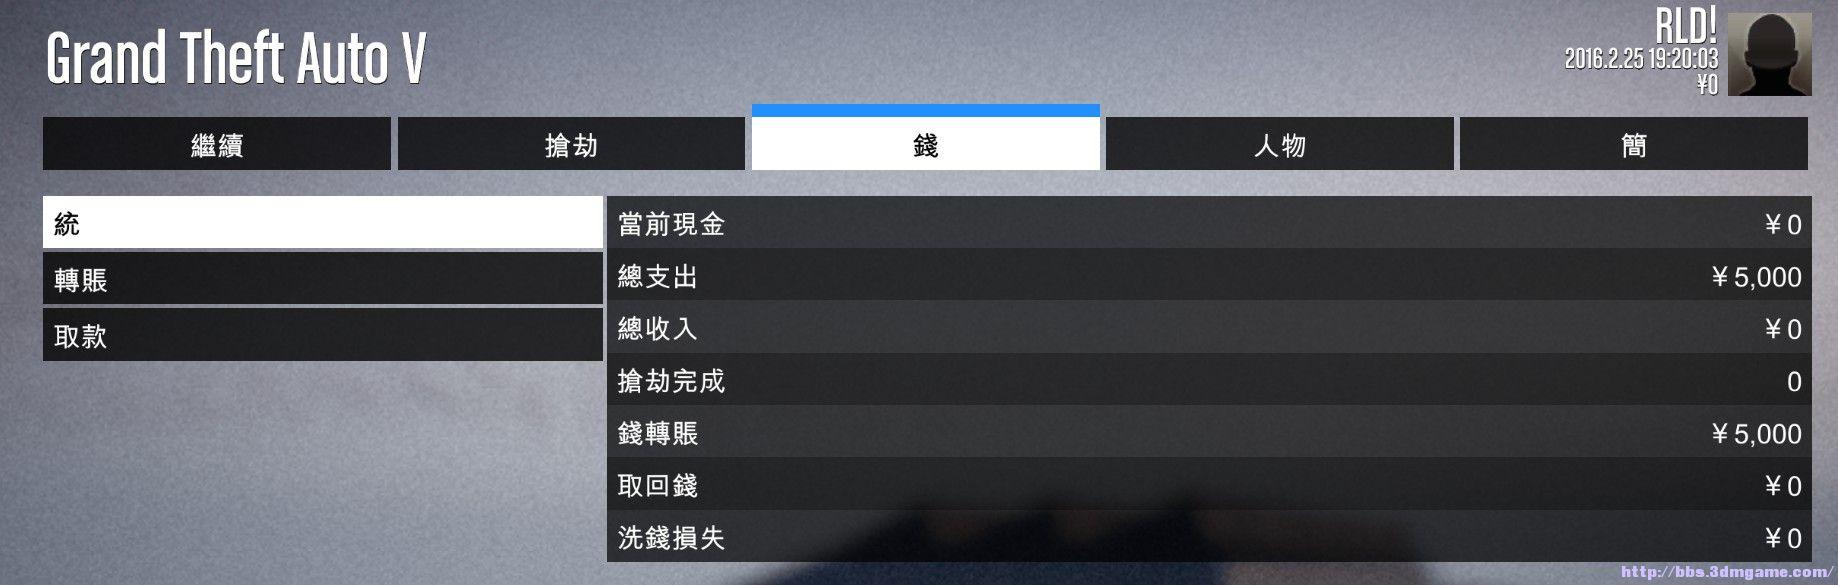 單機太平洋差事MOD 中文化 下載 - 單機搶劫任務